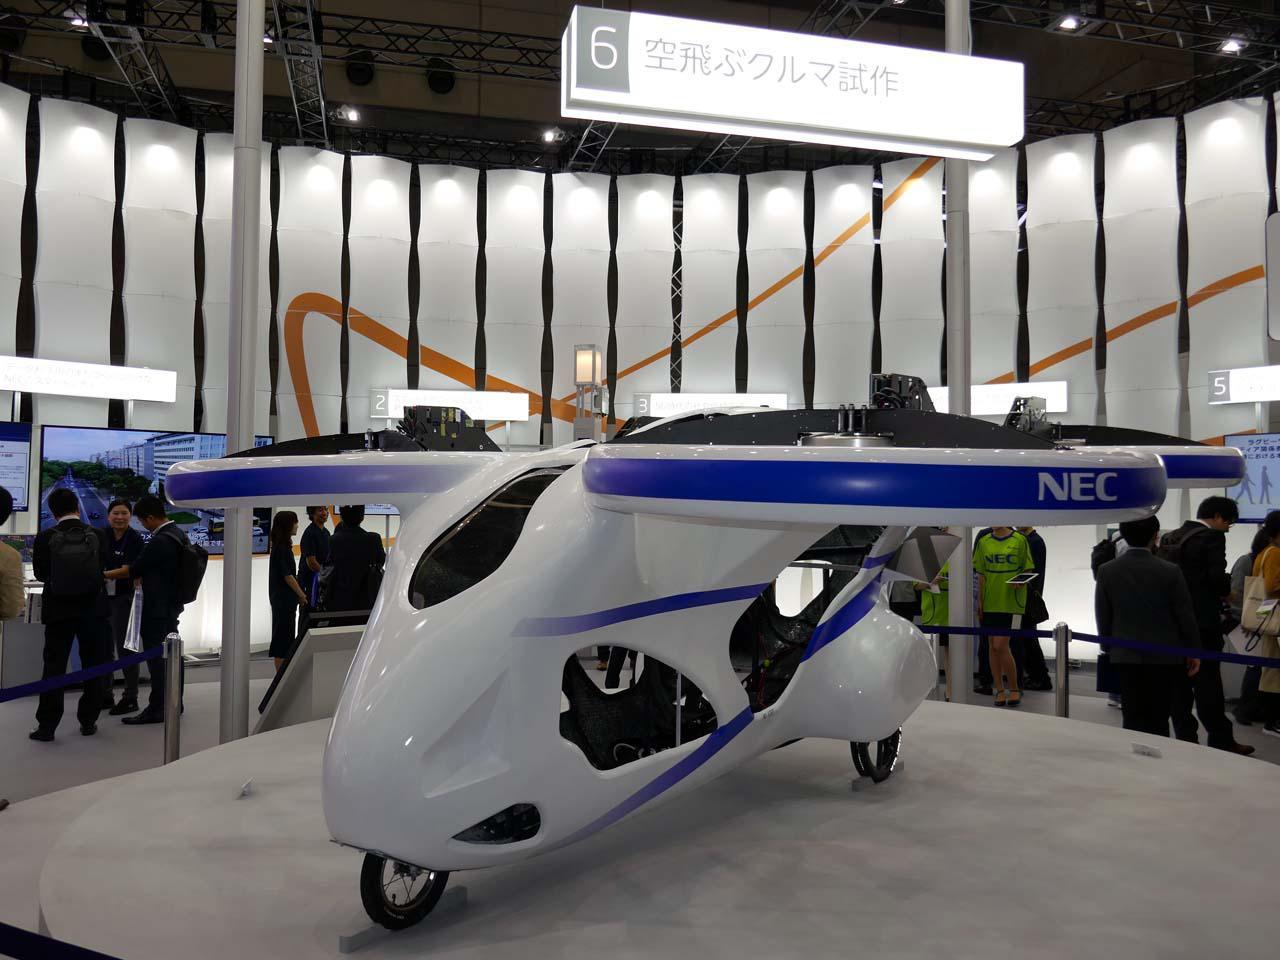 画像: NECが考える空飛ぶクルマの試作機。無人ではあるものの、2019年8月に飛行試験をテストフィールドで成功させた